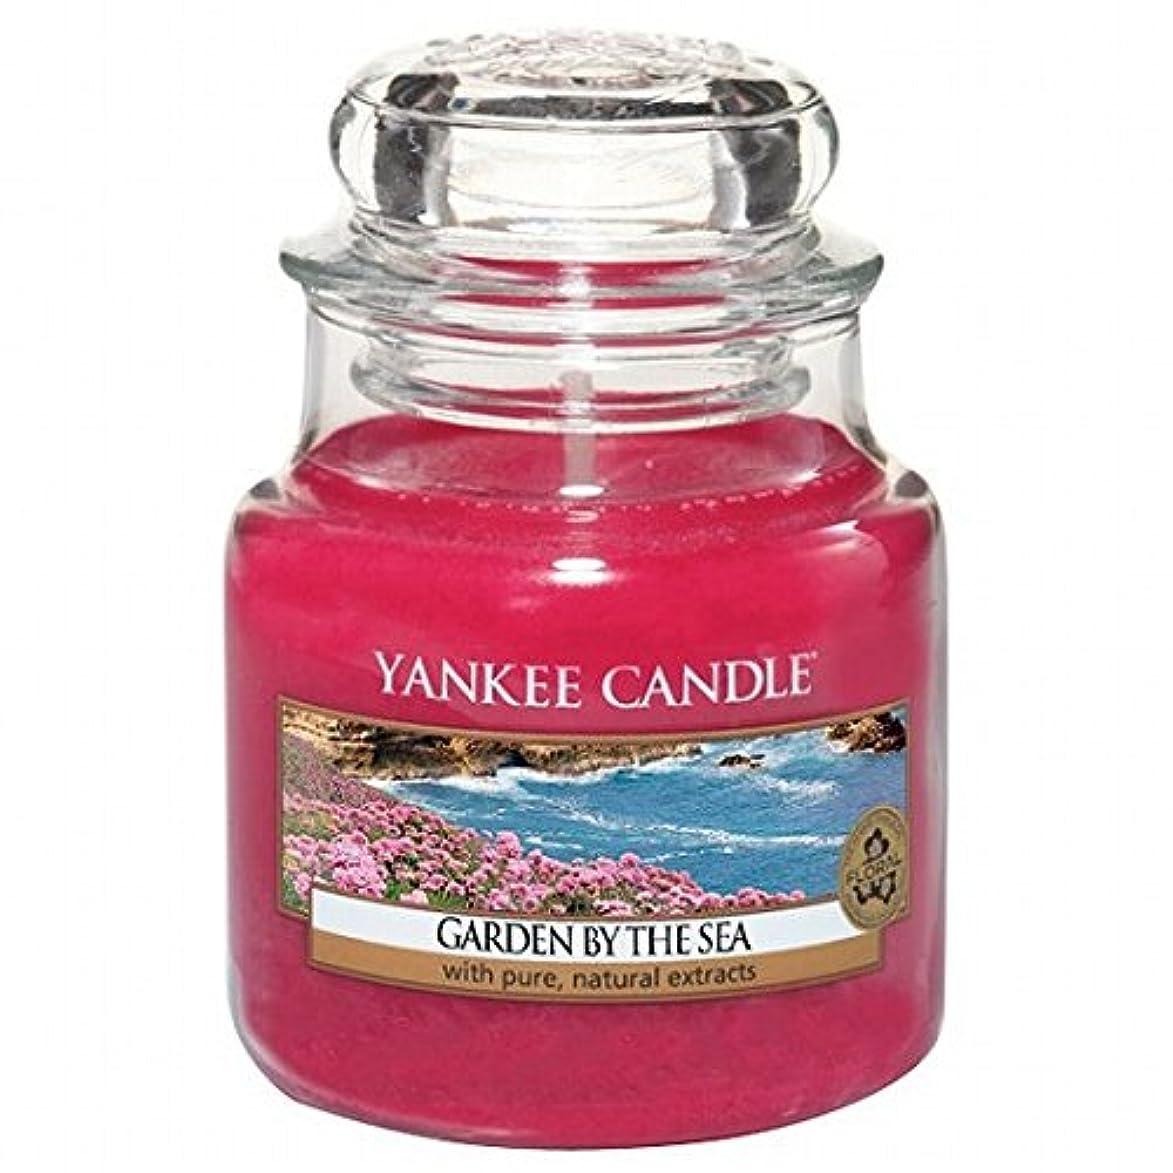 優しさコットン評価するYANKEE CANDLE(ヤンキーキャンドル) YANKEE CANDLE ジャーS 「ガーデンバイザシー」(K00305291)